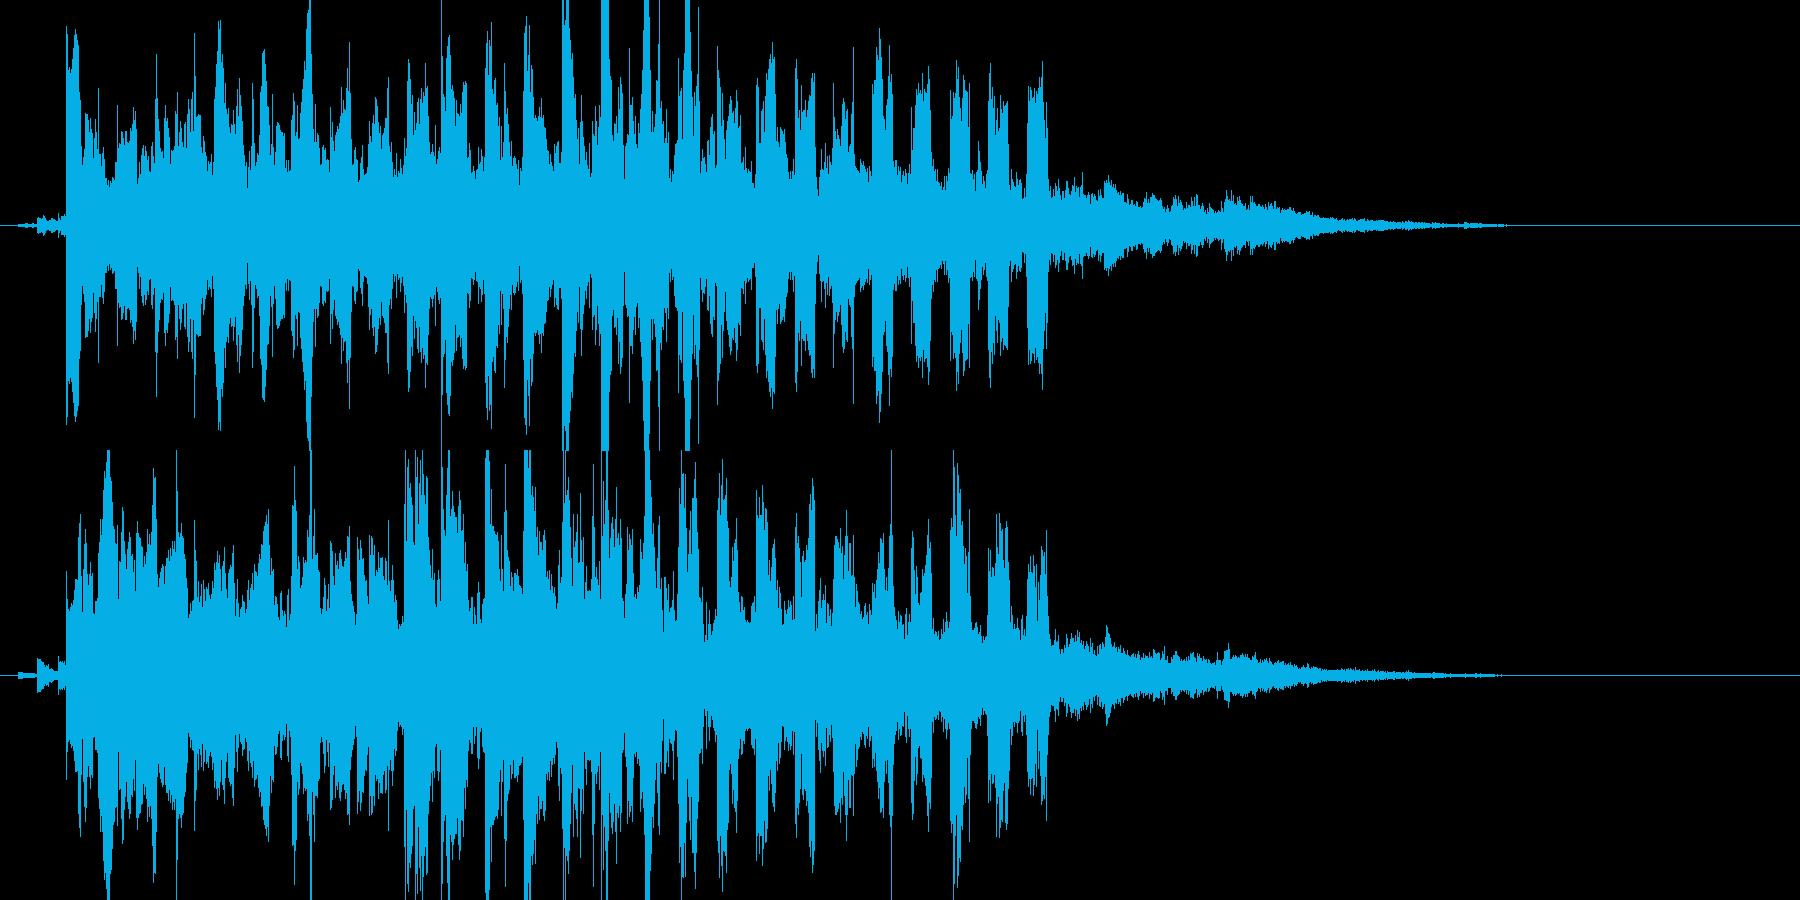 回復魔法(ピピピピピピピピ)の再生済みの波形